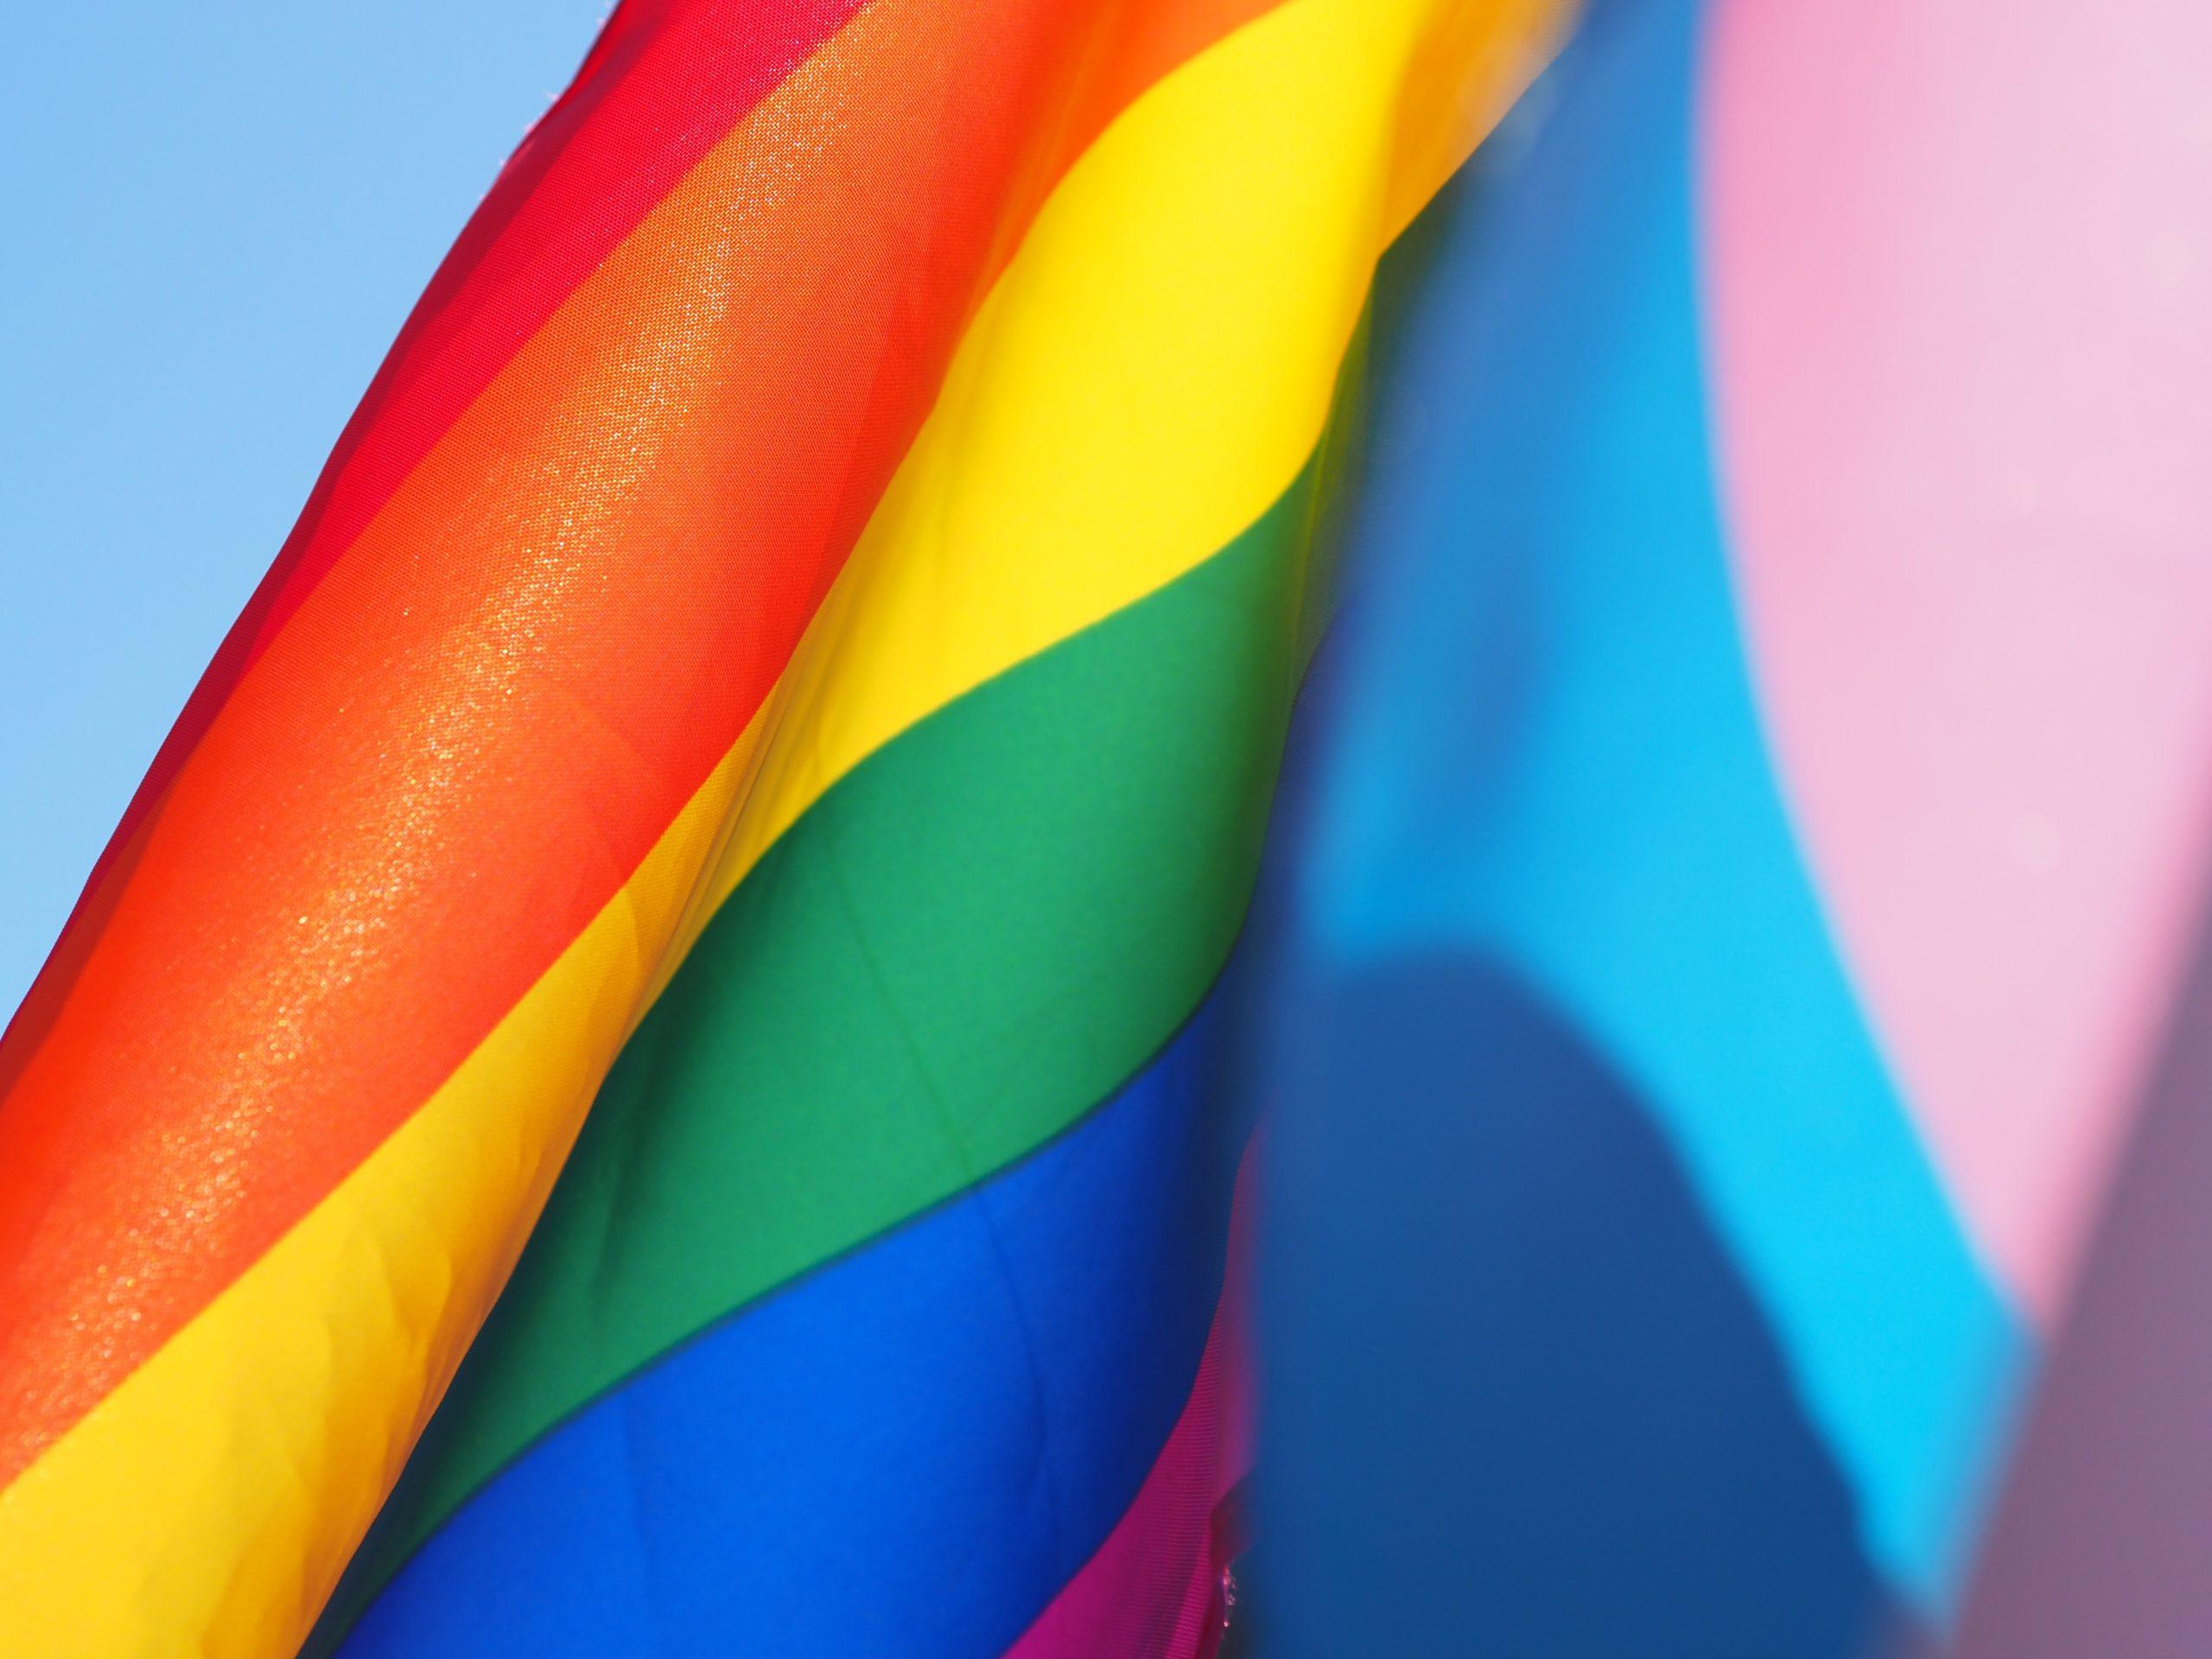 Motion contre toute discrimination fondée sur l'orientation sexuelle ou l'identité de genre